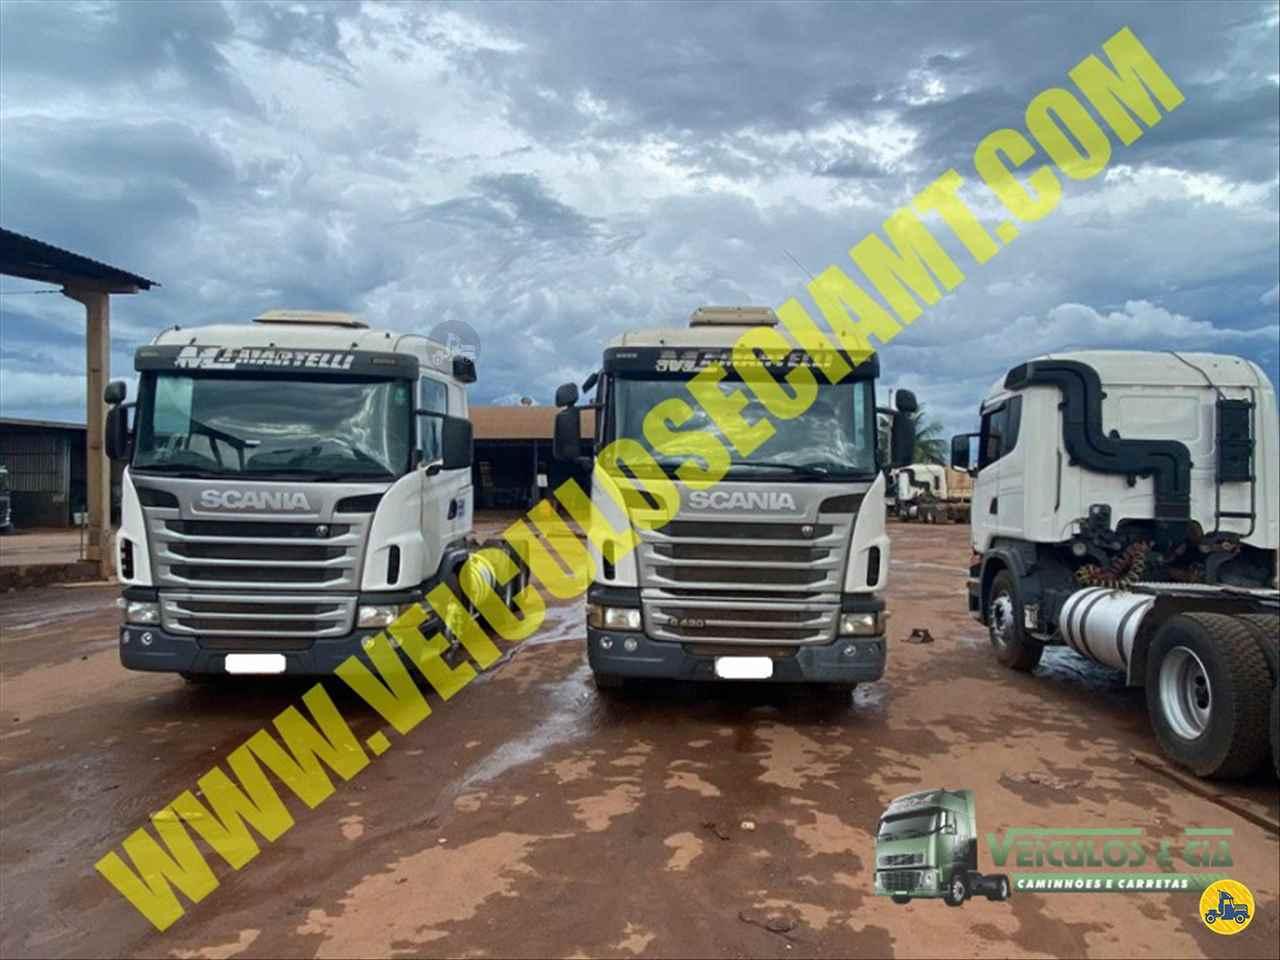 CAMINHAO SCANIA SCANIA 420 Cavalo Mecânico Traçado 6x4 Veiculos e Cia JACIARA MATO GROSSO MT